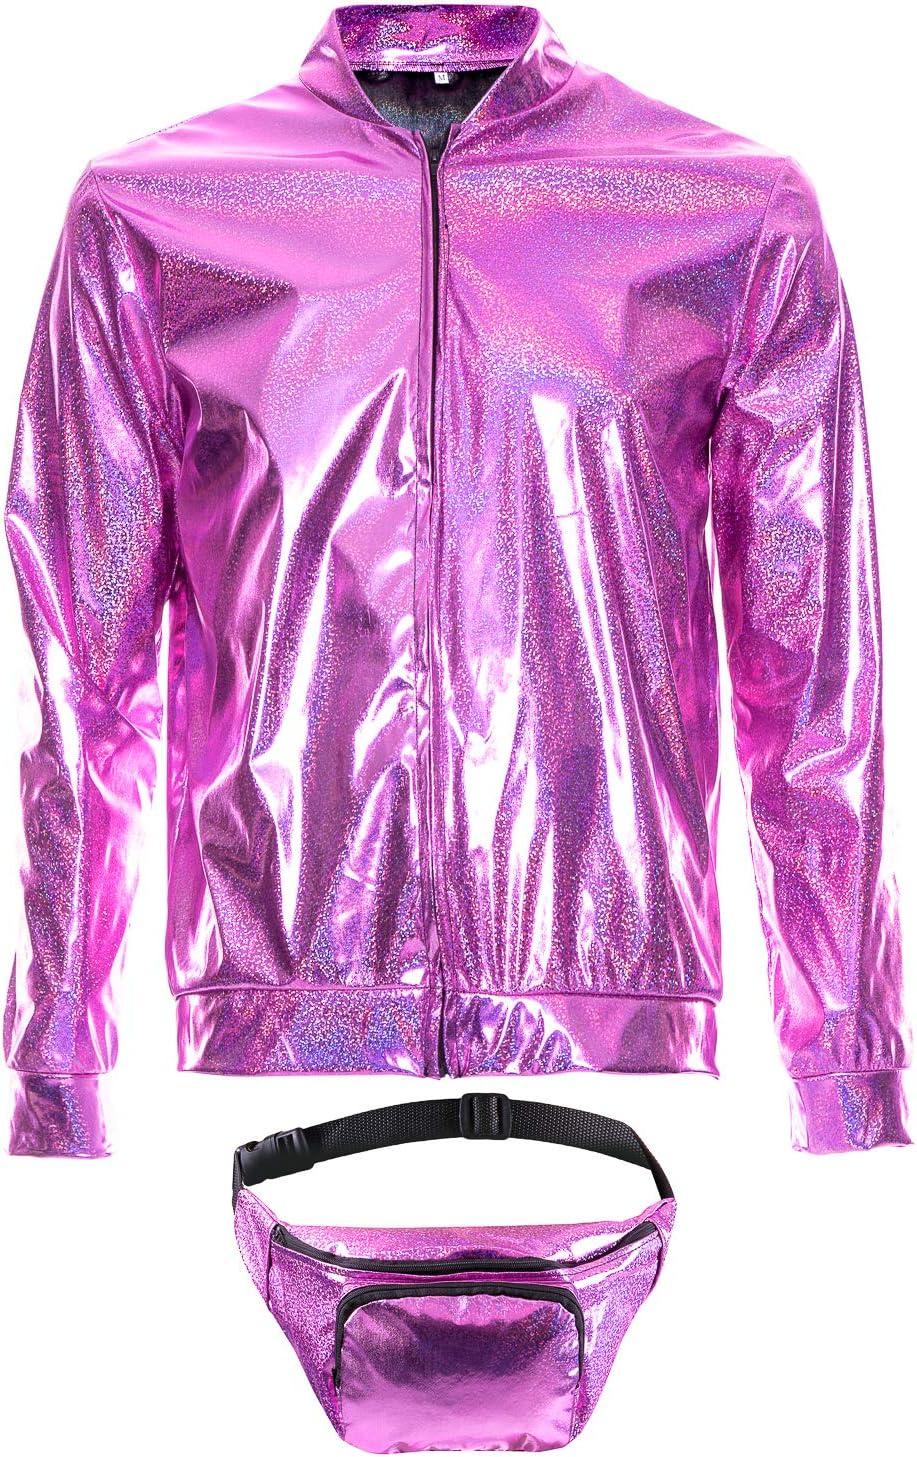 70s 80s 90s Foil Metallic Shiny Bomber Jacket Hologram Festival Fancy Dress